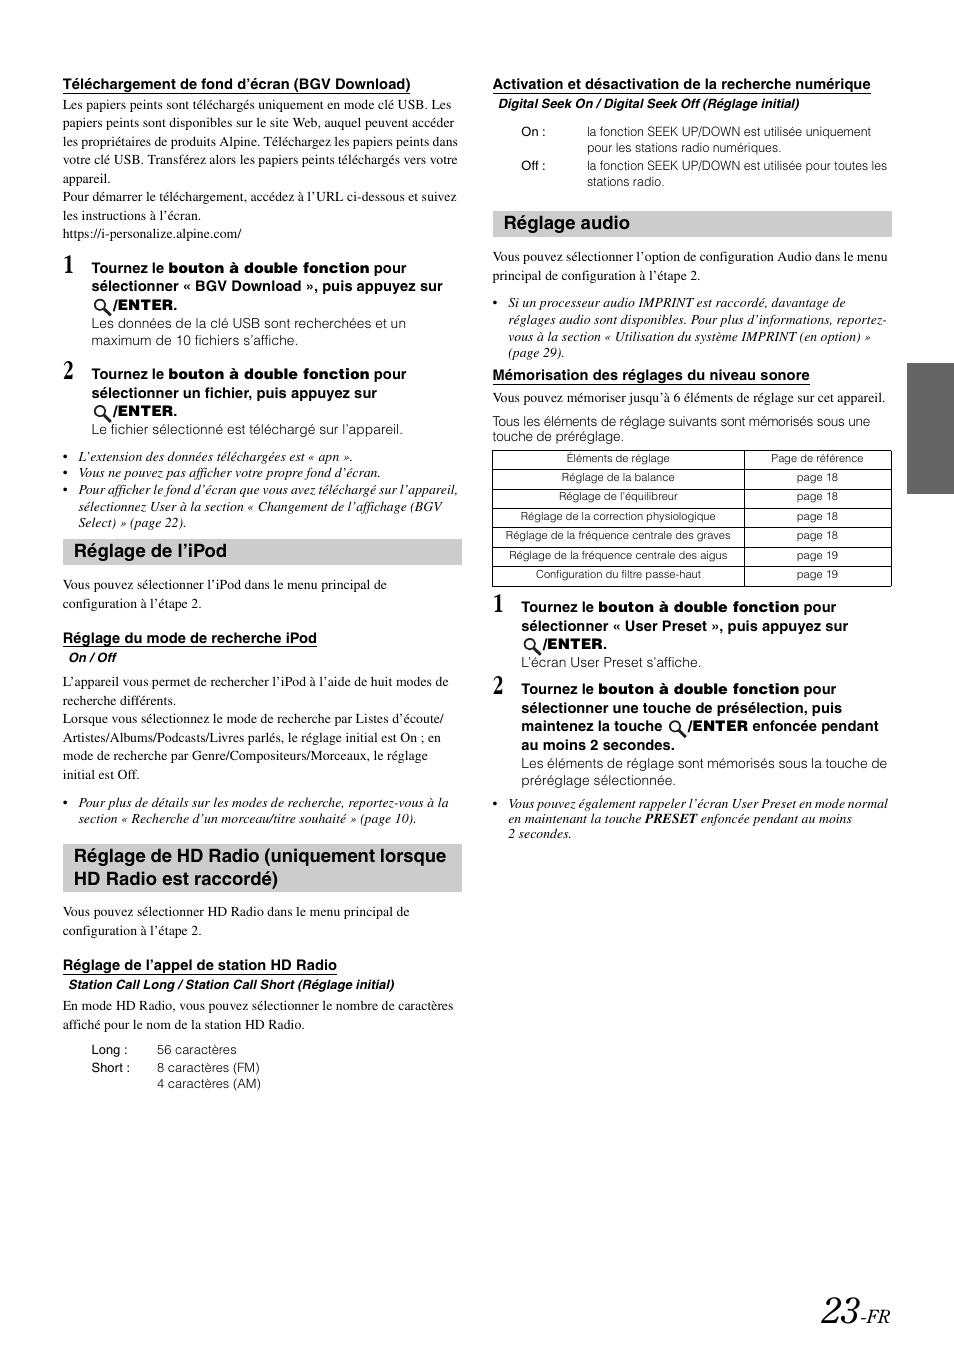 Téléchargement de fond d'écran (bgv download), Réglage de l'ipod, Réglage  du mode de recherche ipod | Alpine IDA-X100 User Manual | Page 73 / 143